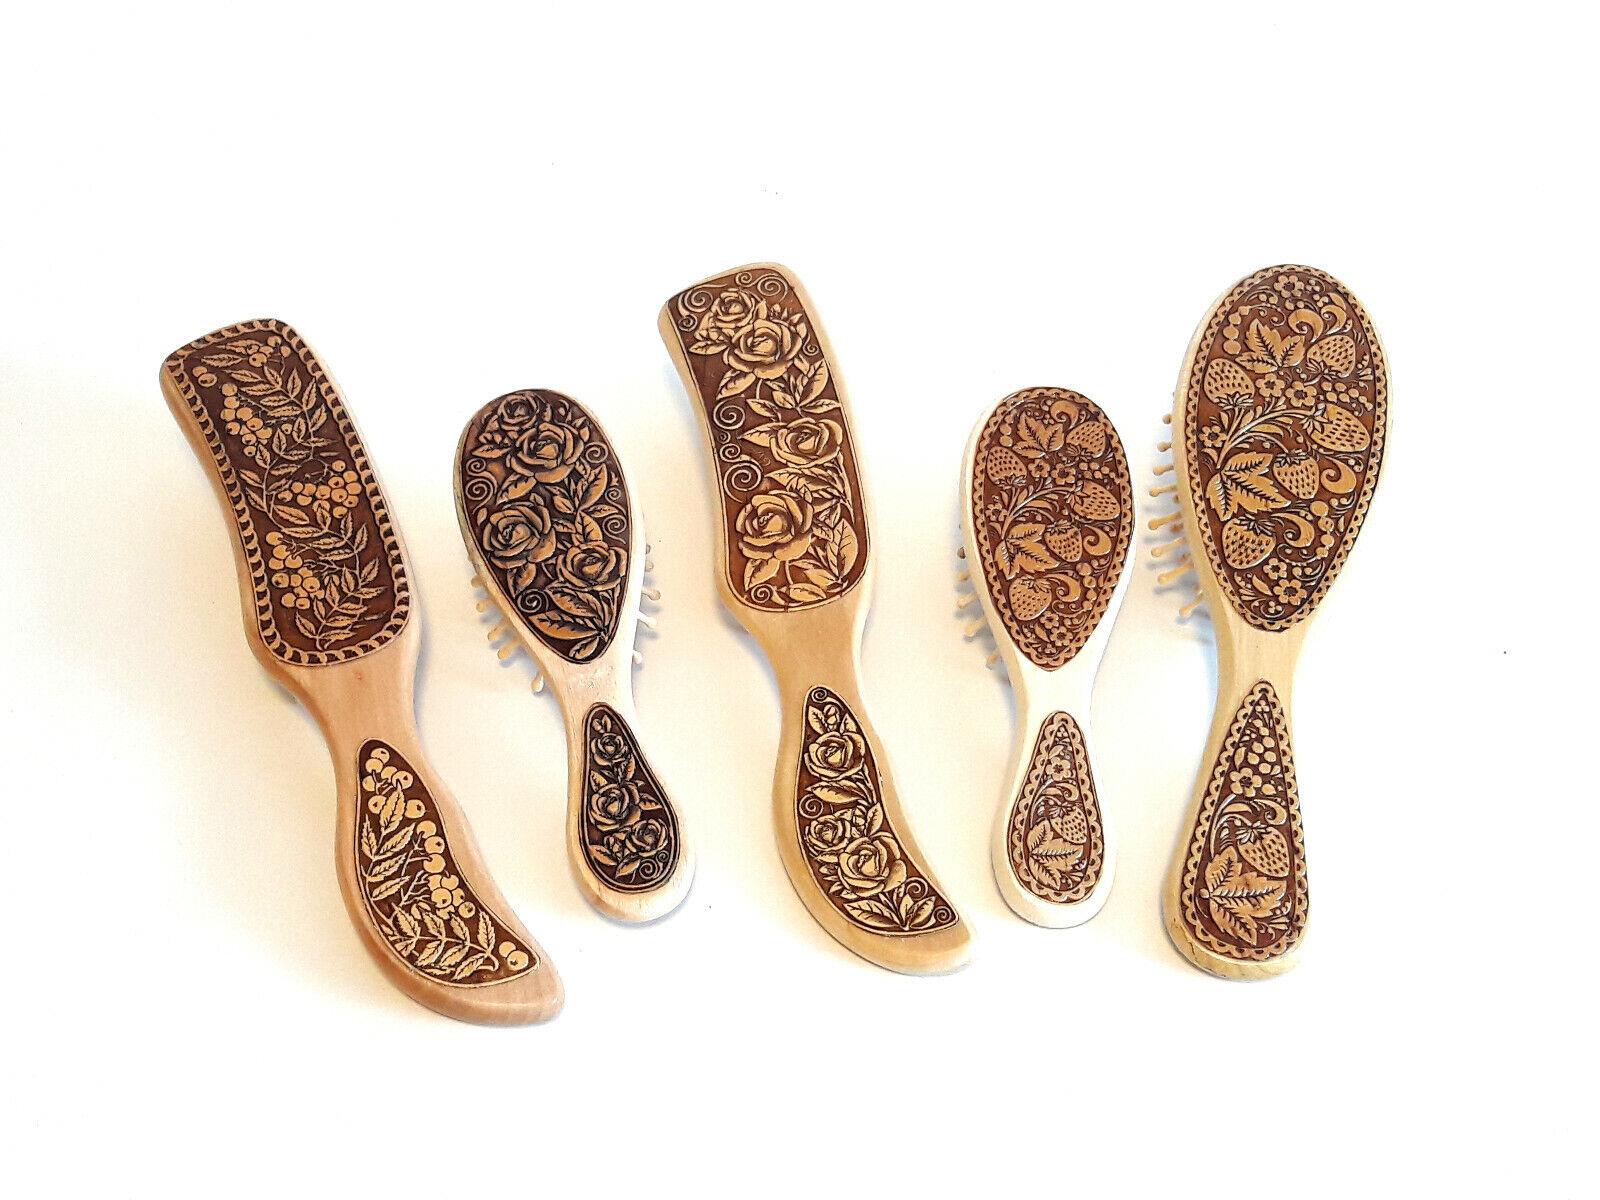 Birken Holz Haarbürste Kopfmassage Kamm Bürste Öko Organikprodukt Handmade